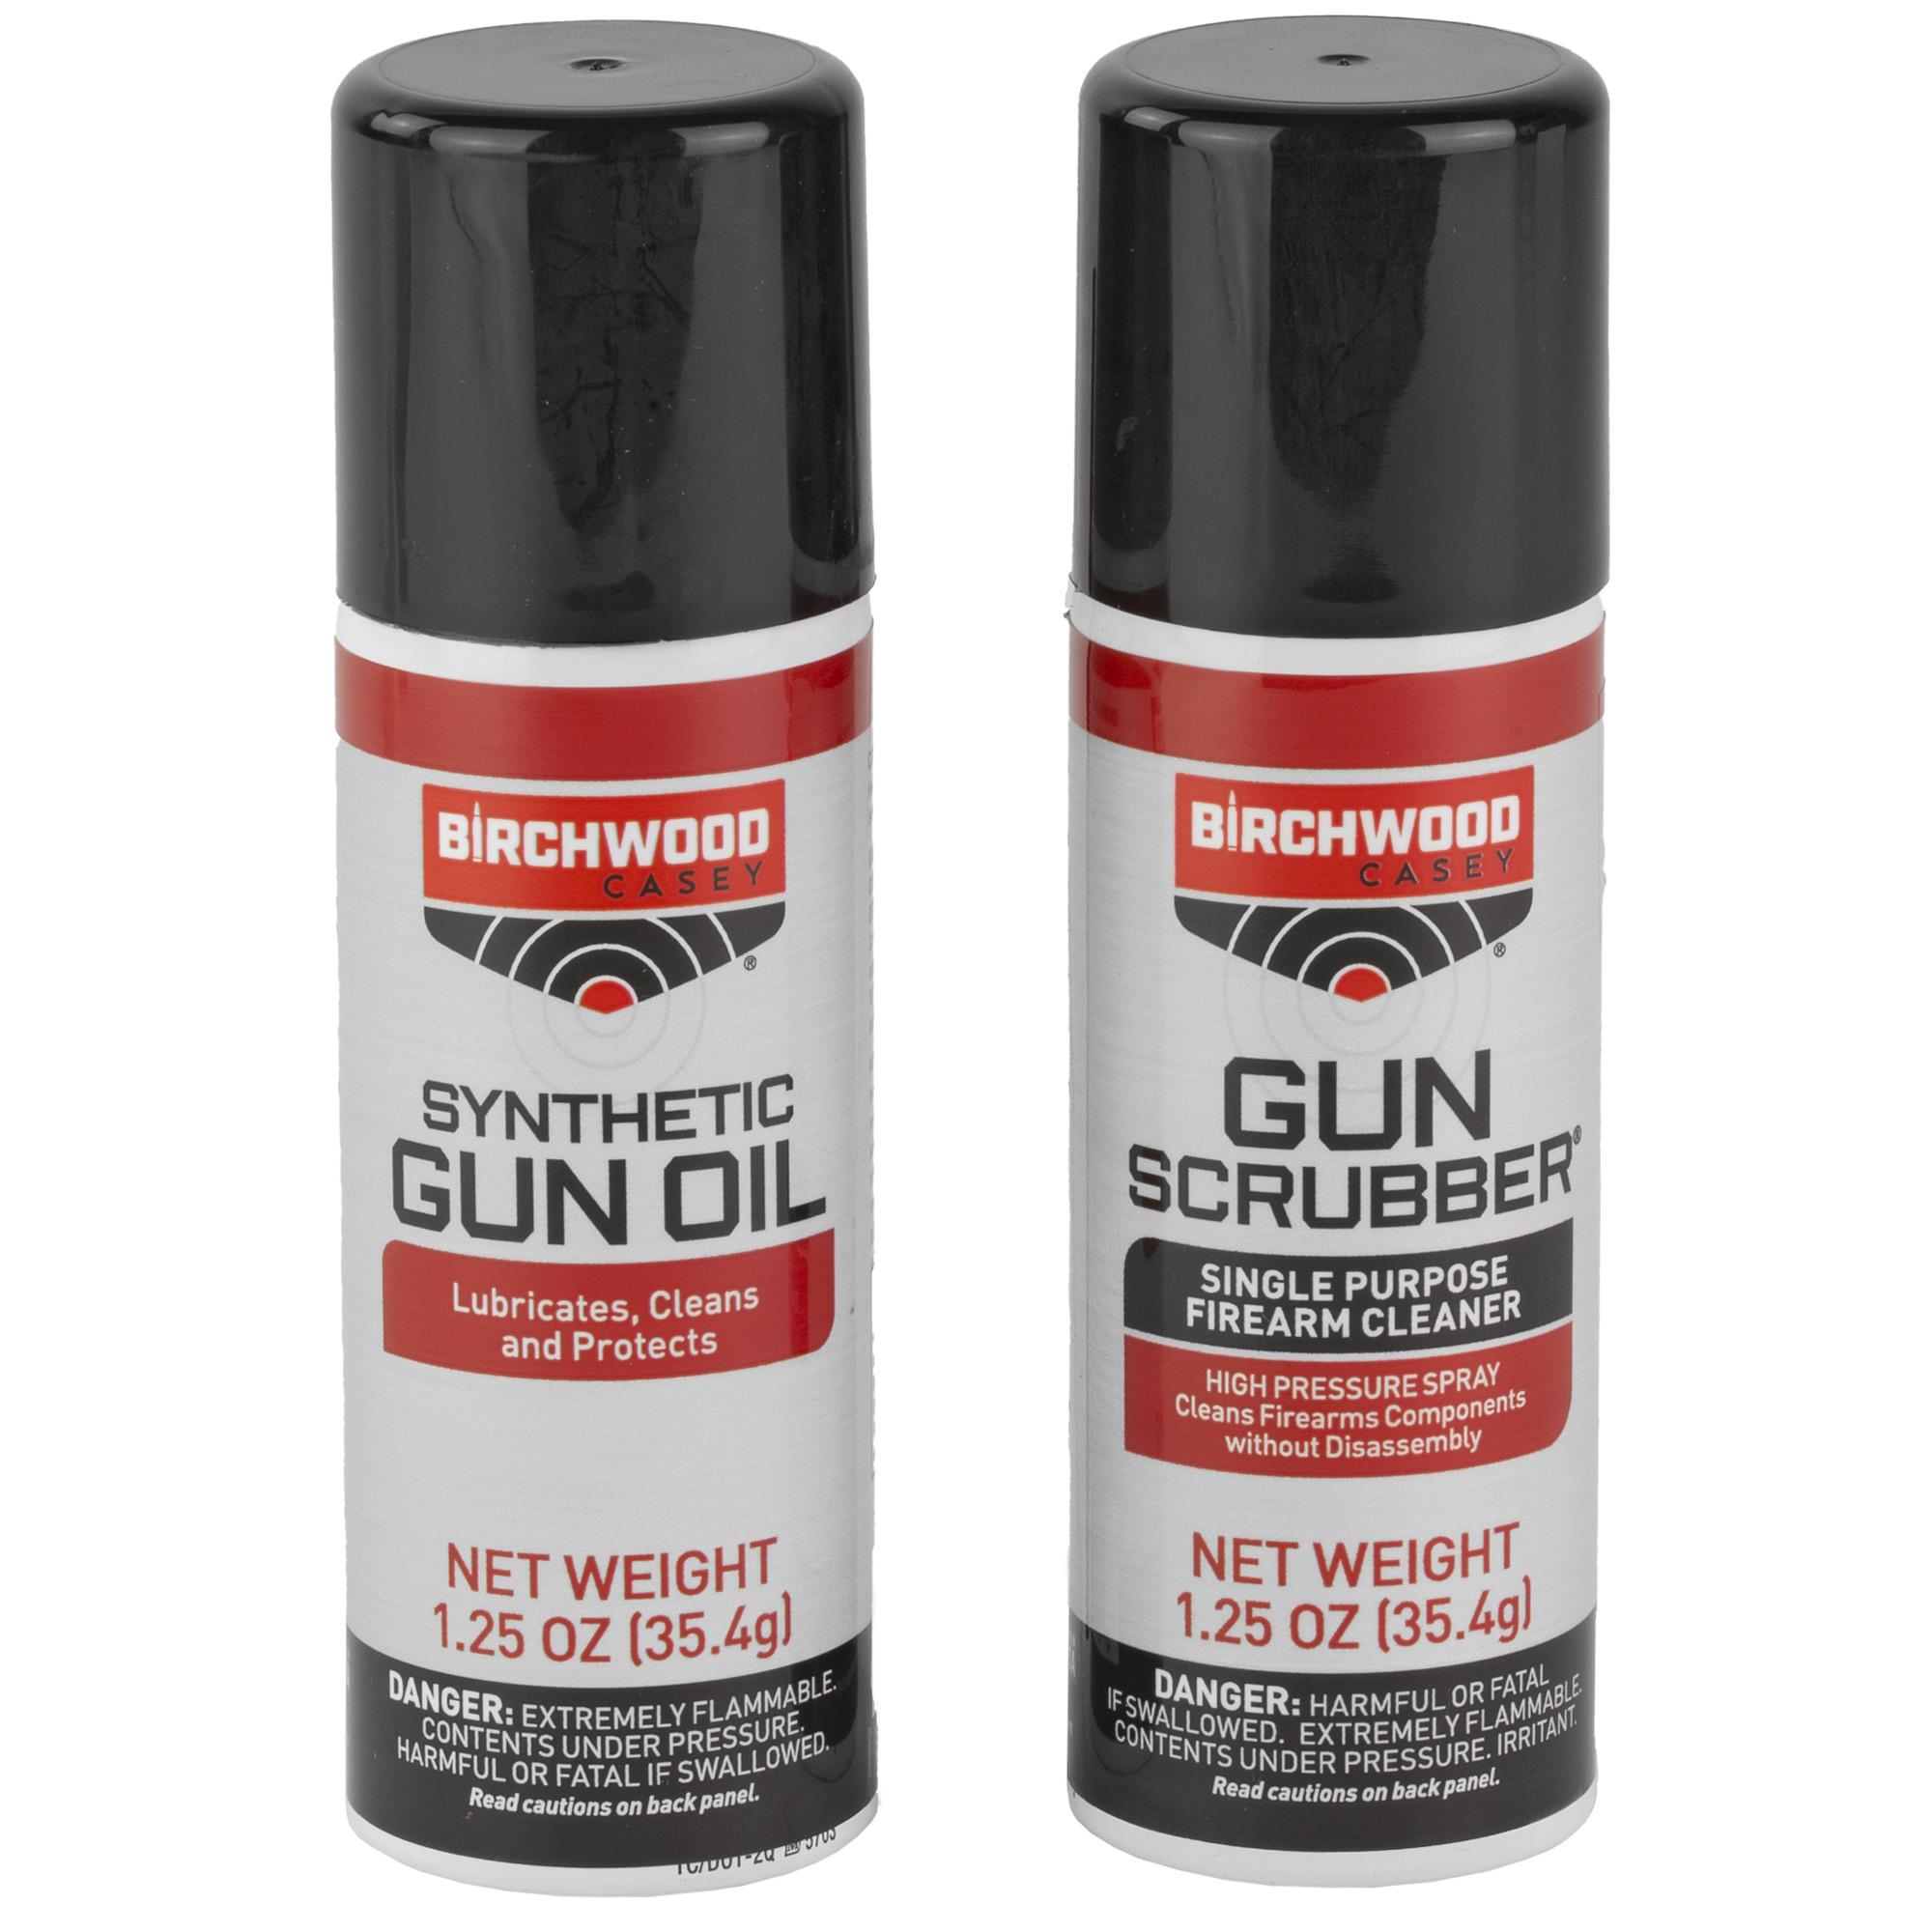 B/c Gun Scrubber/oil 1.25oz  6 Cans